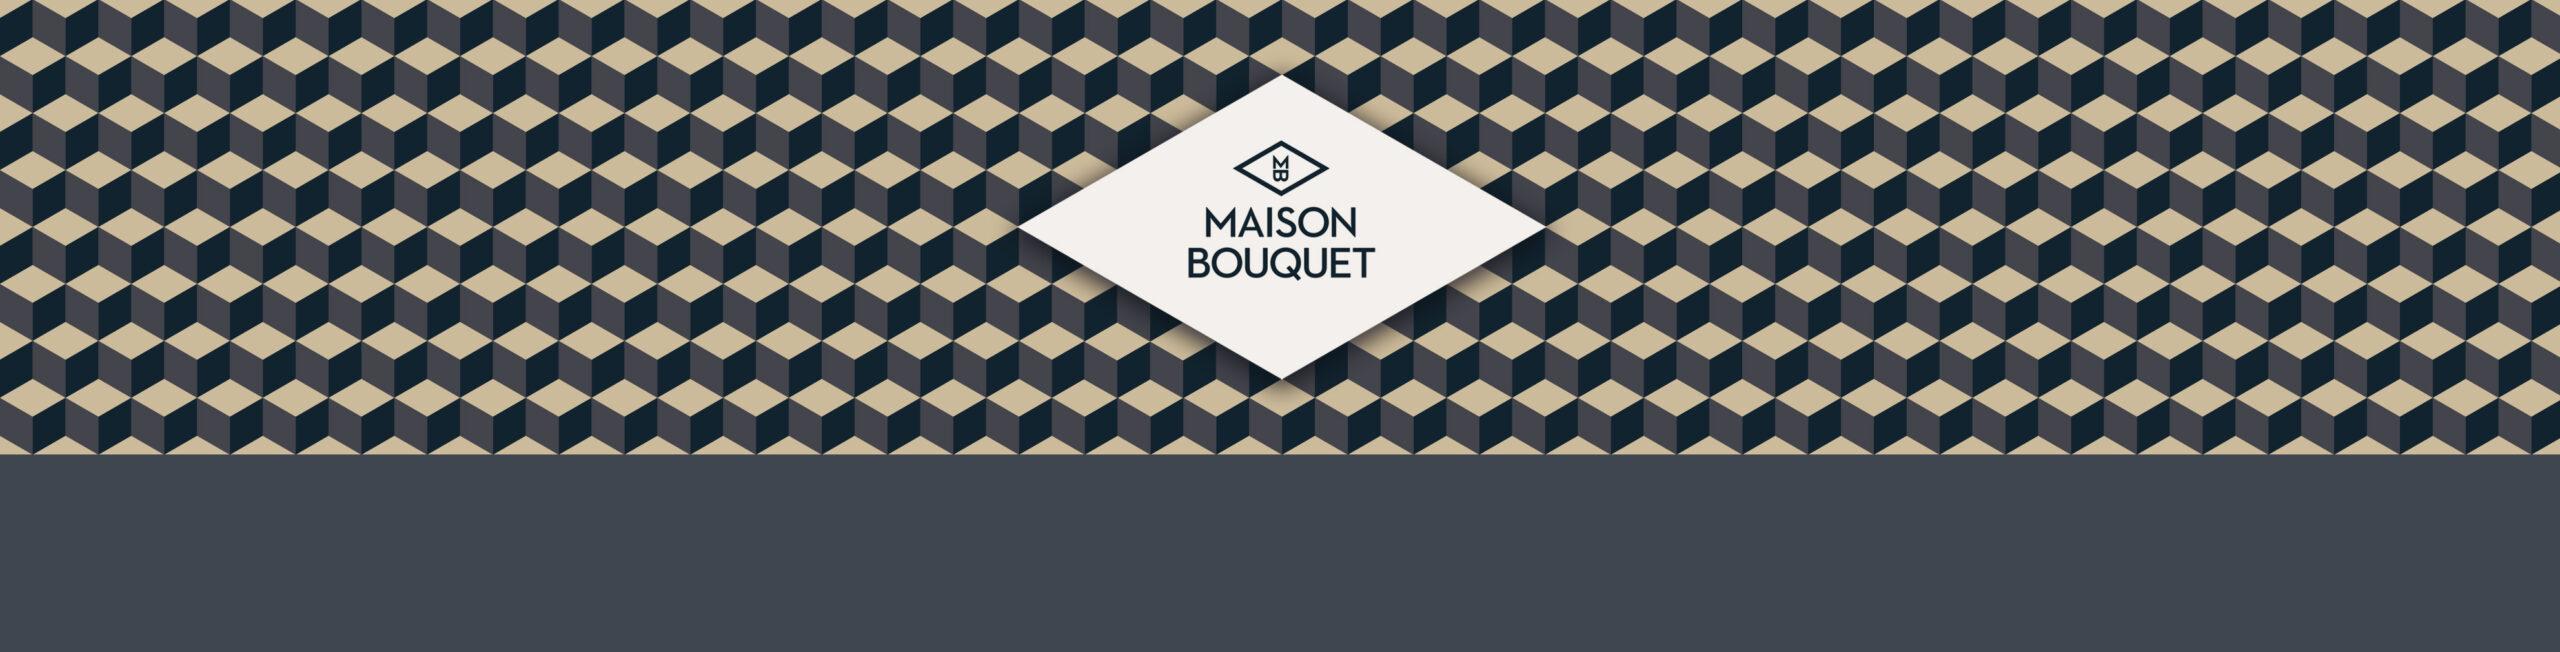 maison bouquet vikiu design logo frise